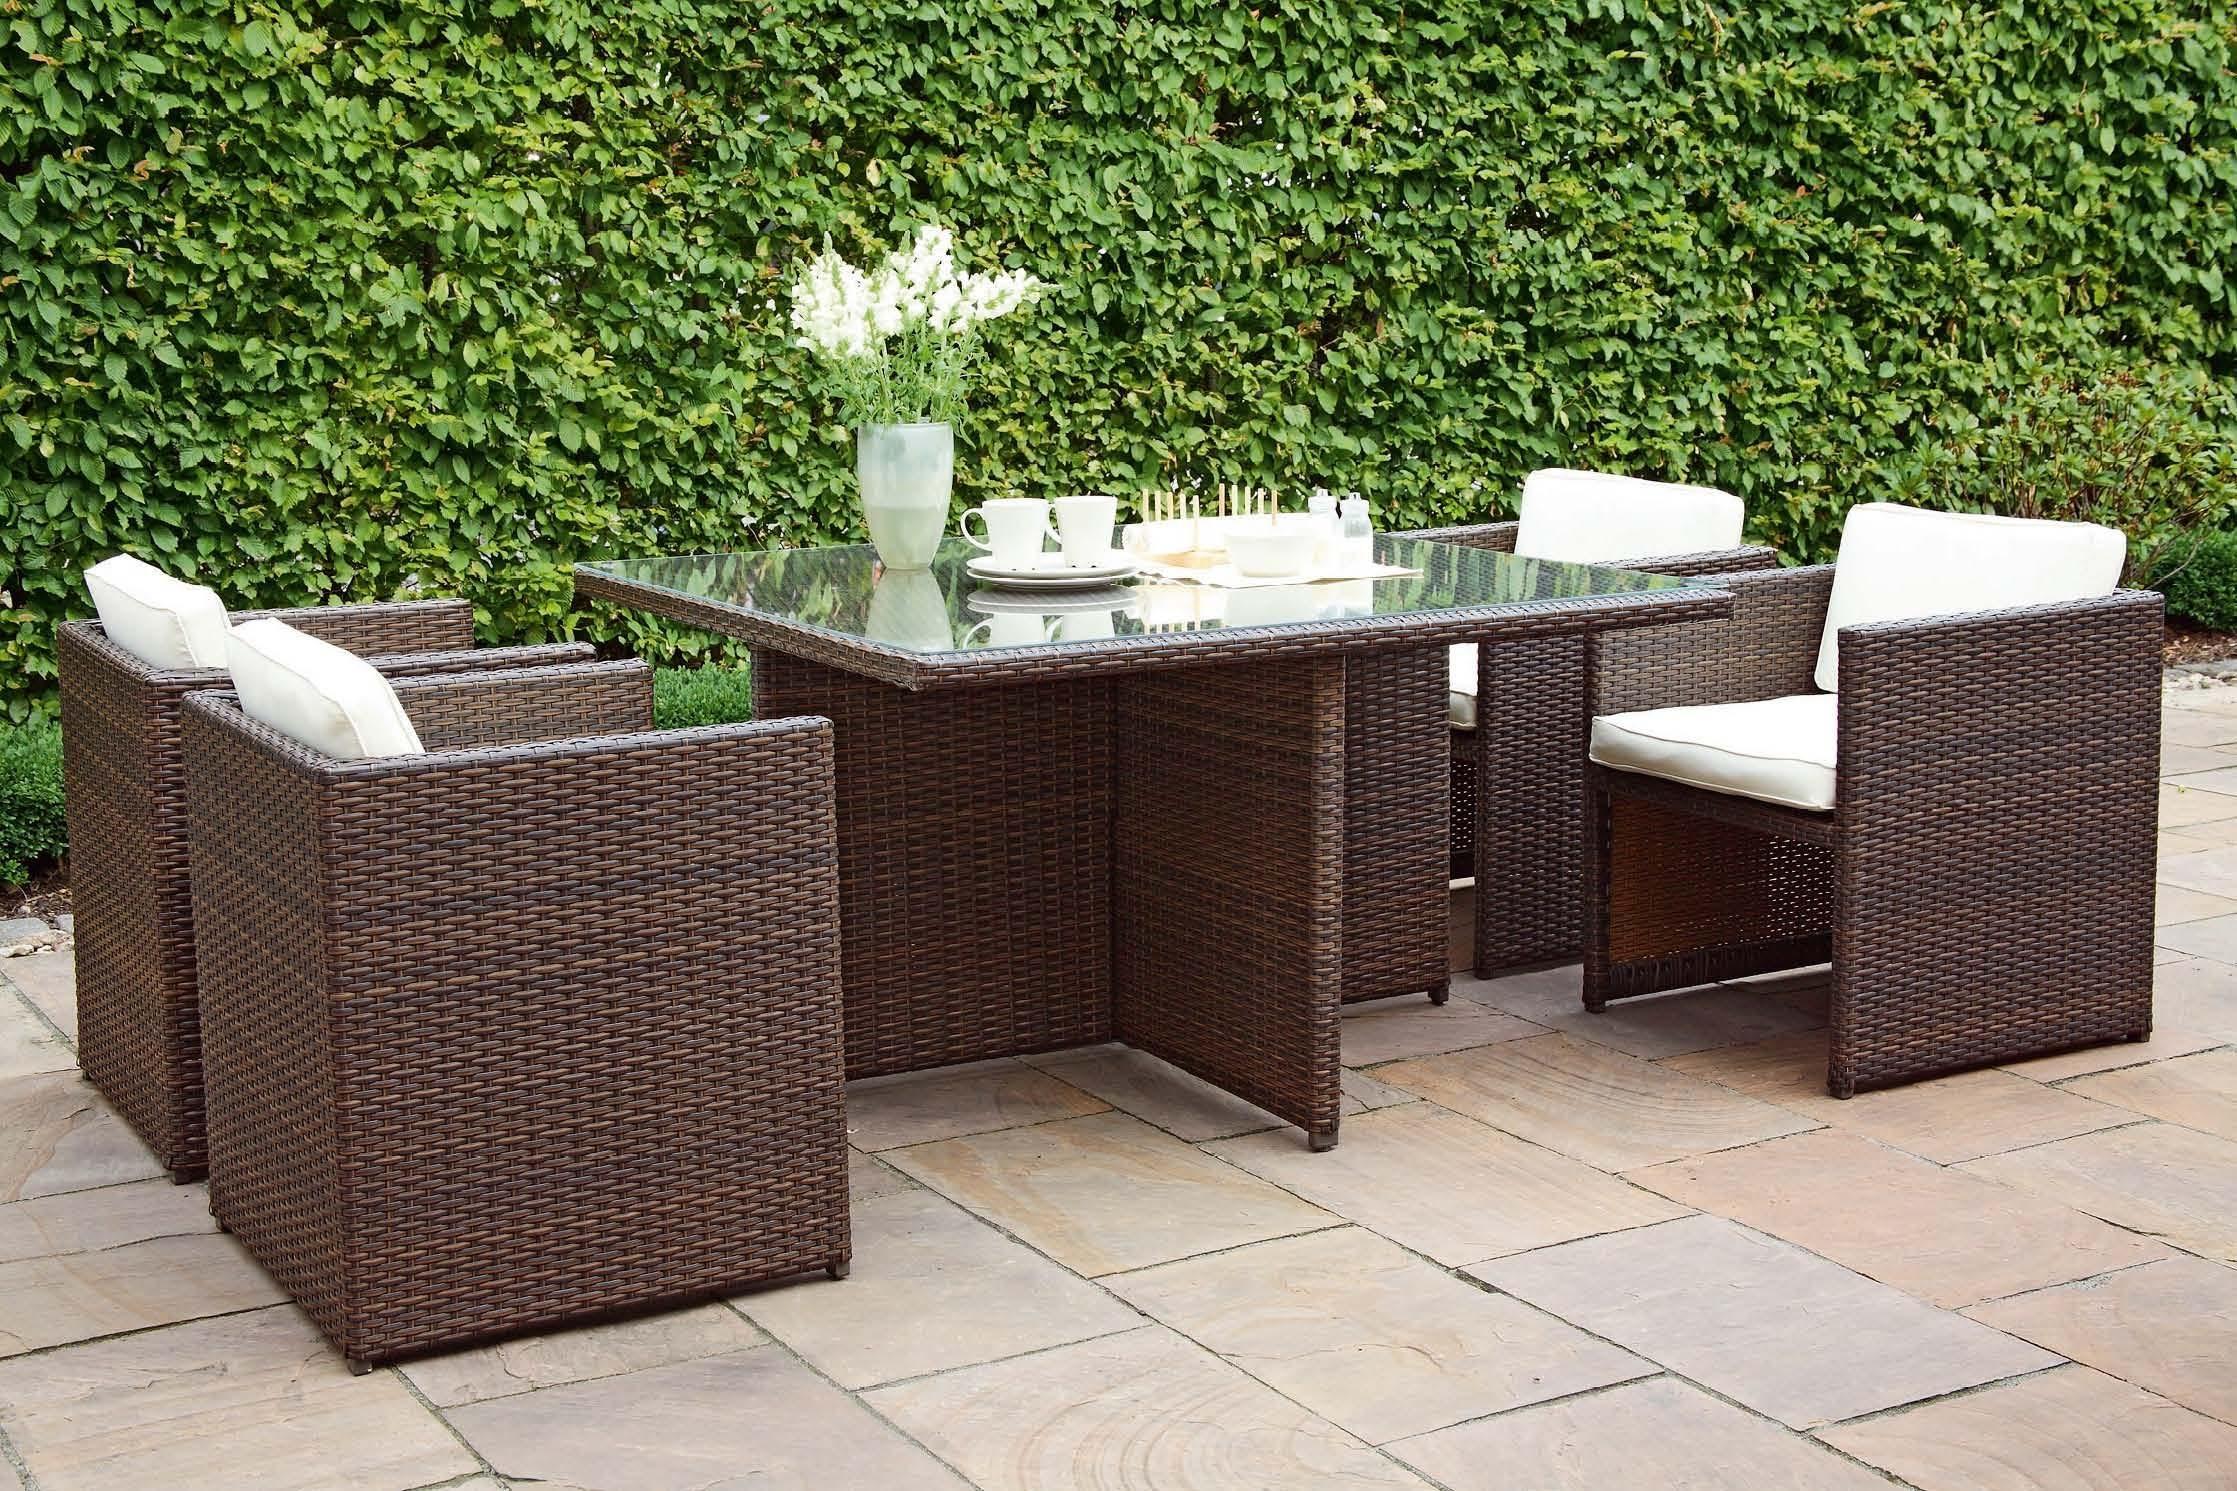 garten terrasse wohnideen möbel dekoration decoration living idea